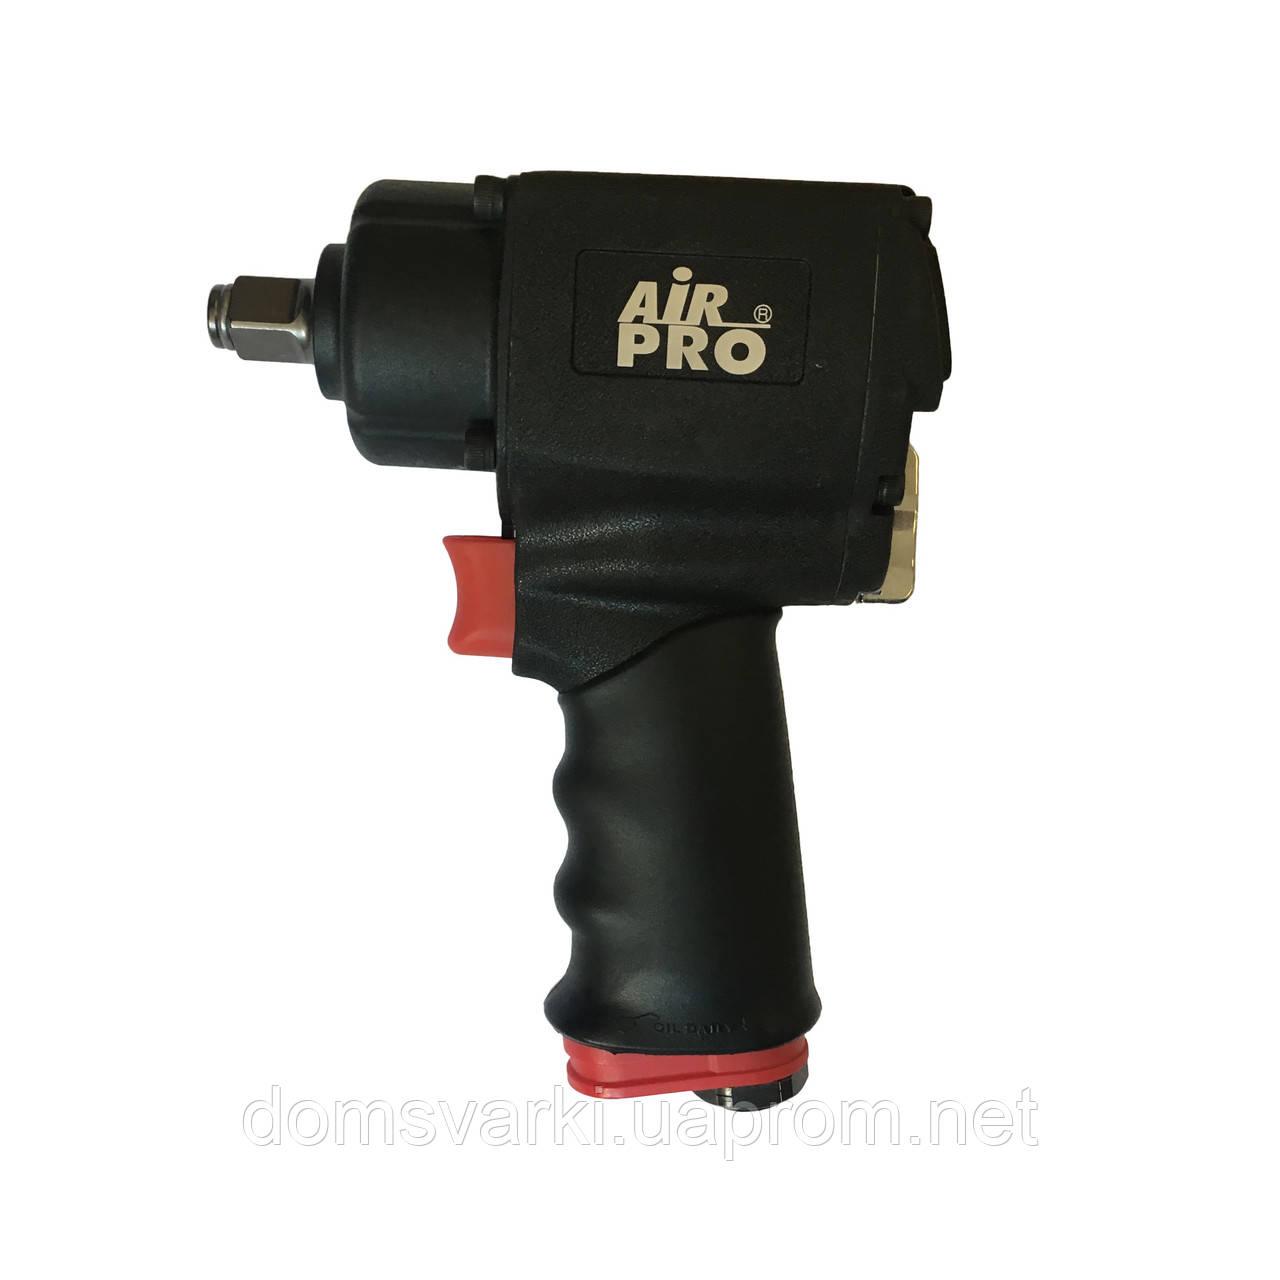 Гайковерт пневматический ультракомпактный ударный пистолетного типа Air Pro SA22107Q